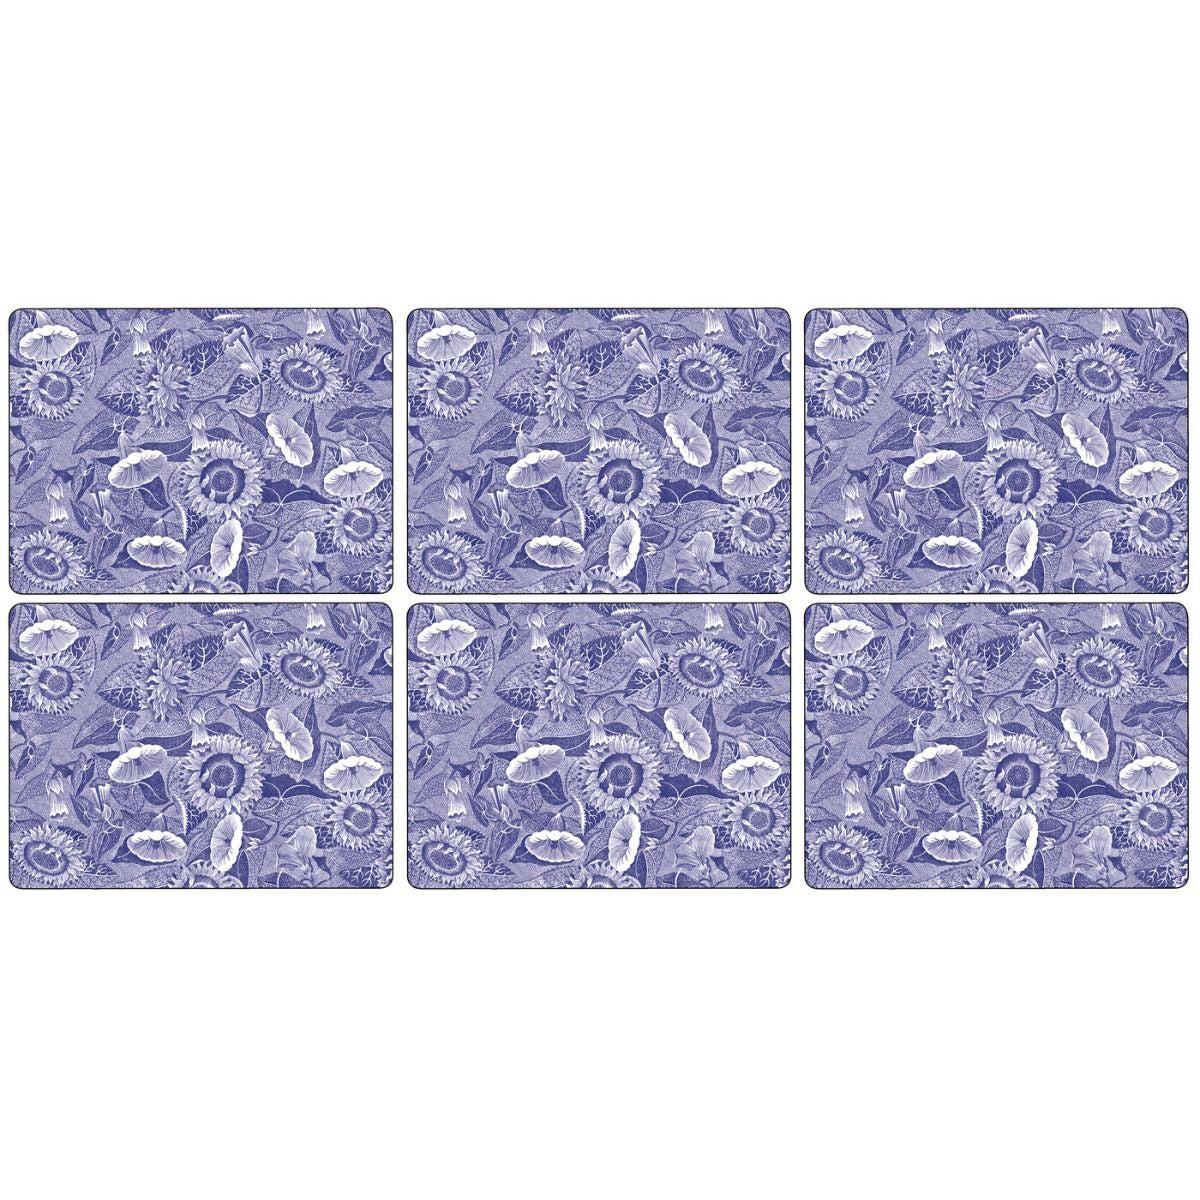 Pimpernel Blue Room Placemats Set of 6